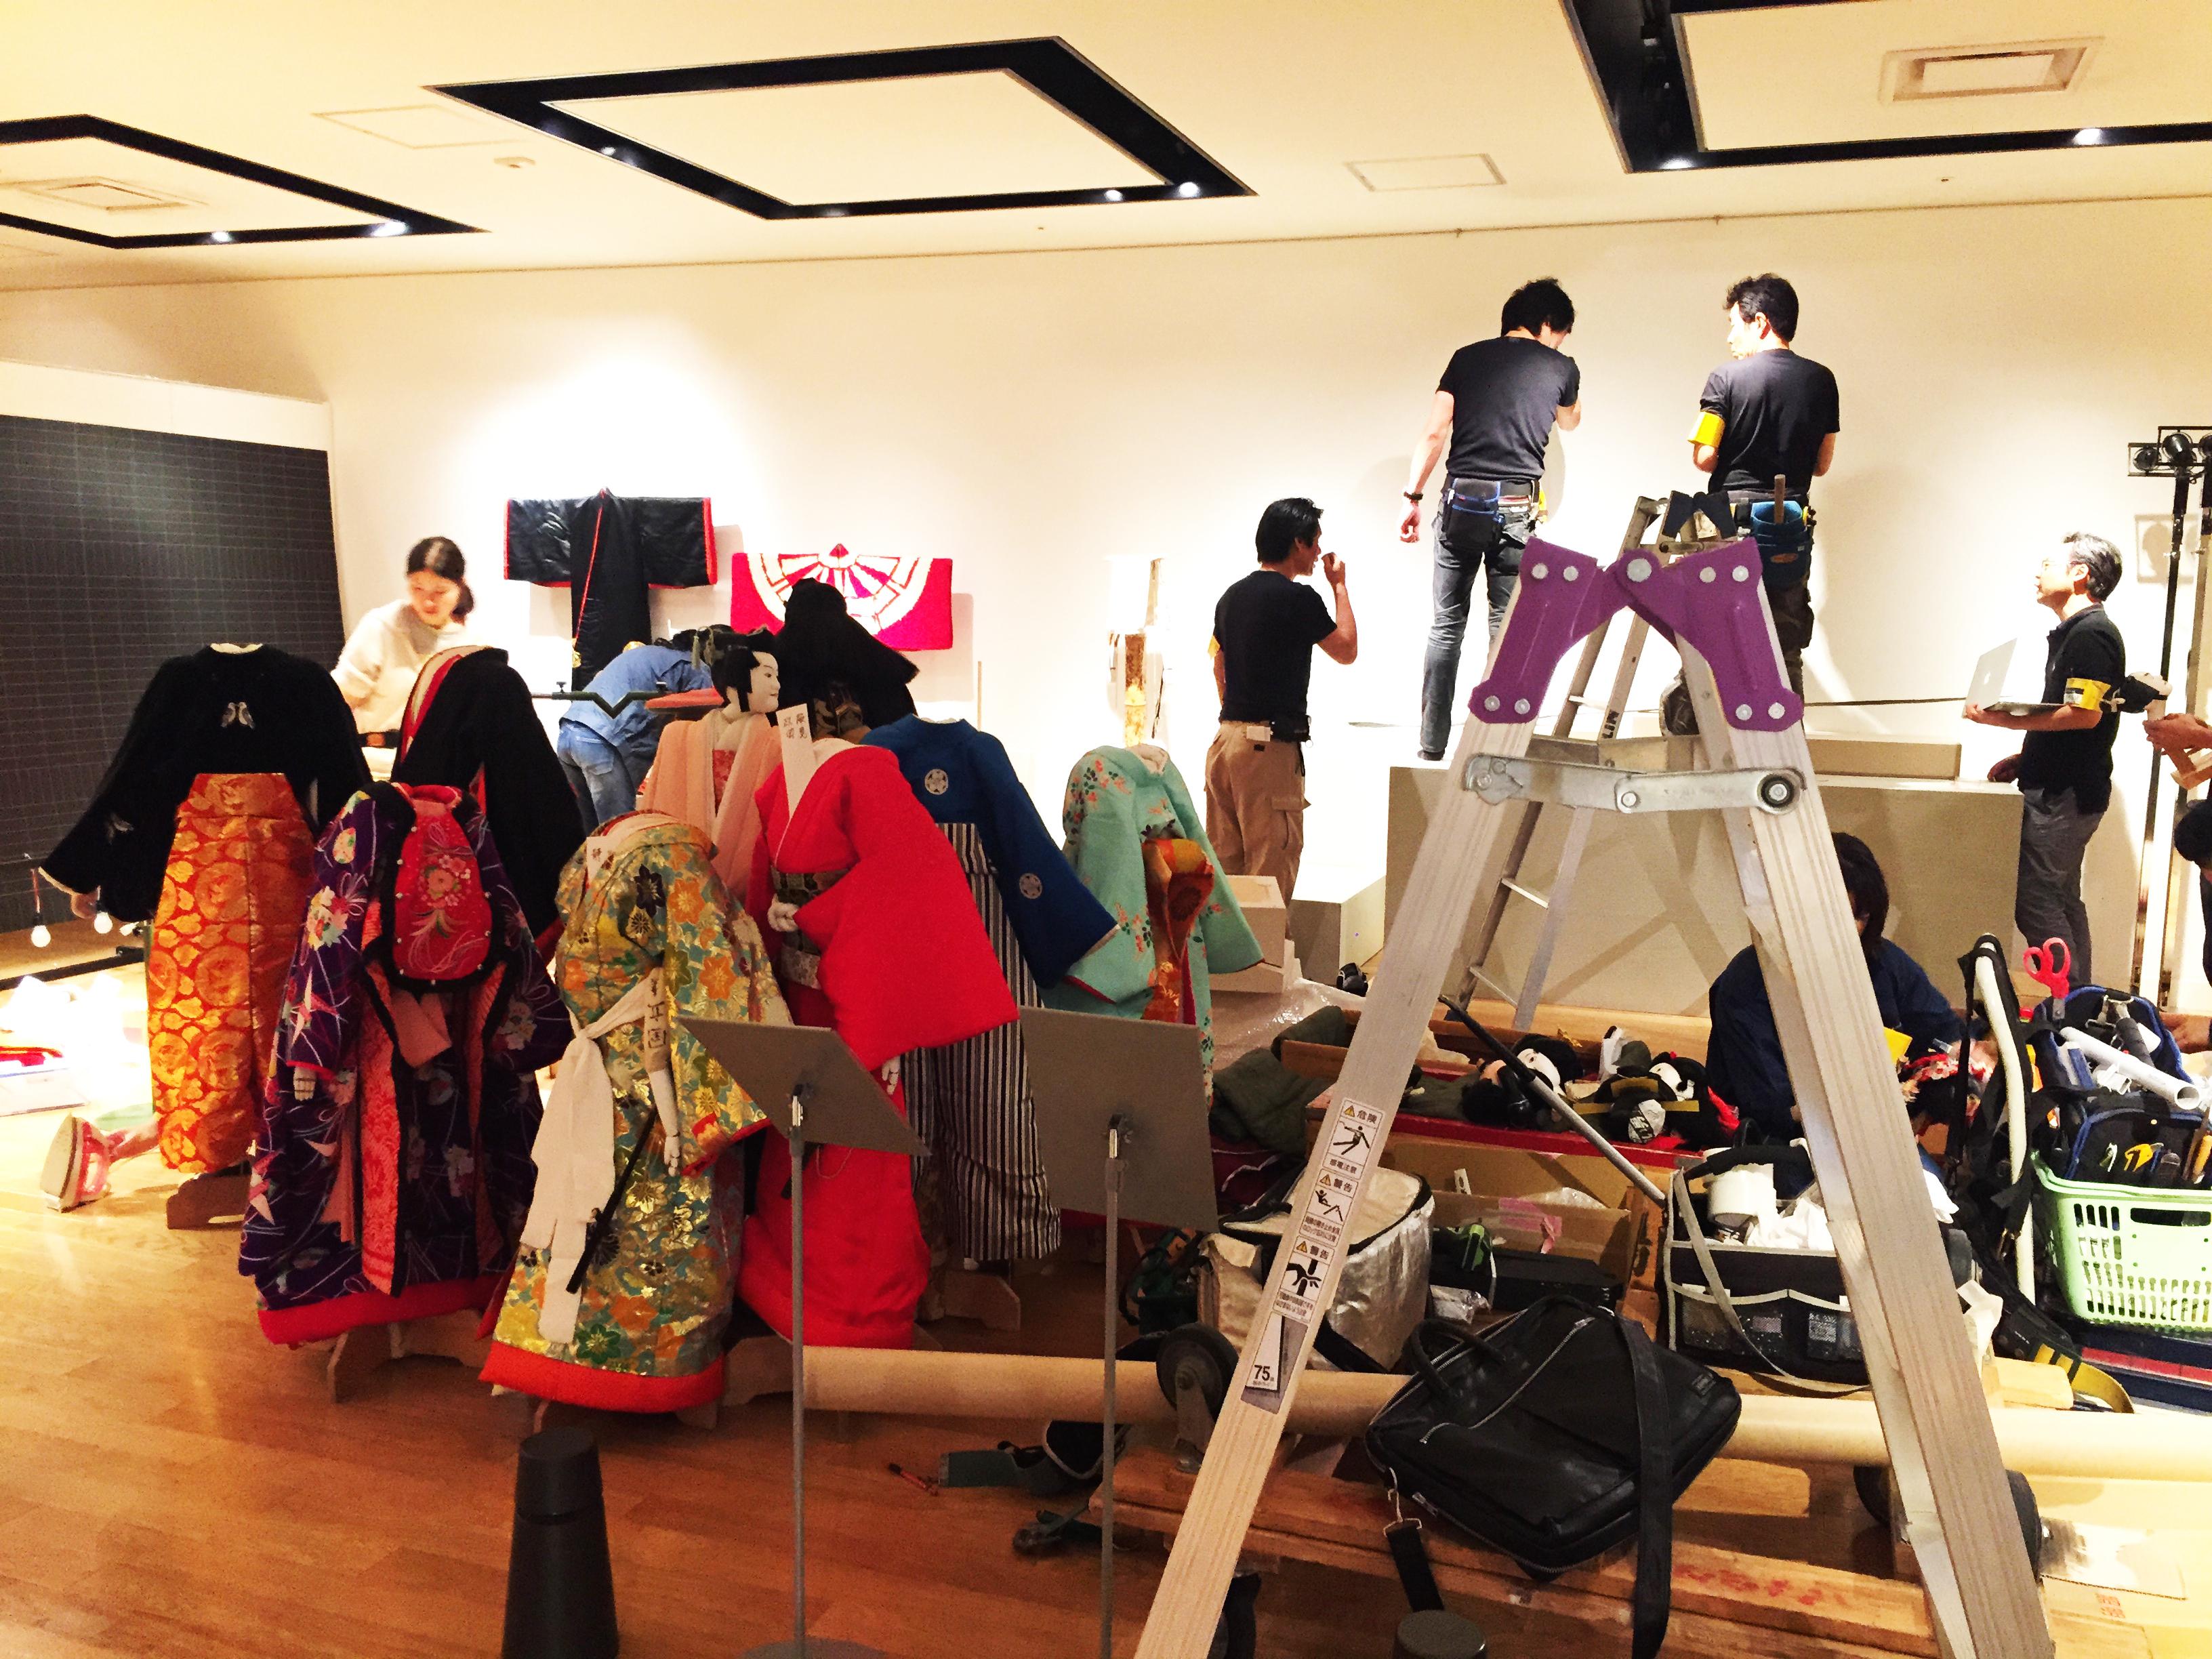 梅田阪急さんで開催中の文楽の世界展の準備作業風景です。 企画、デザイン、製作をさせて頂きました。